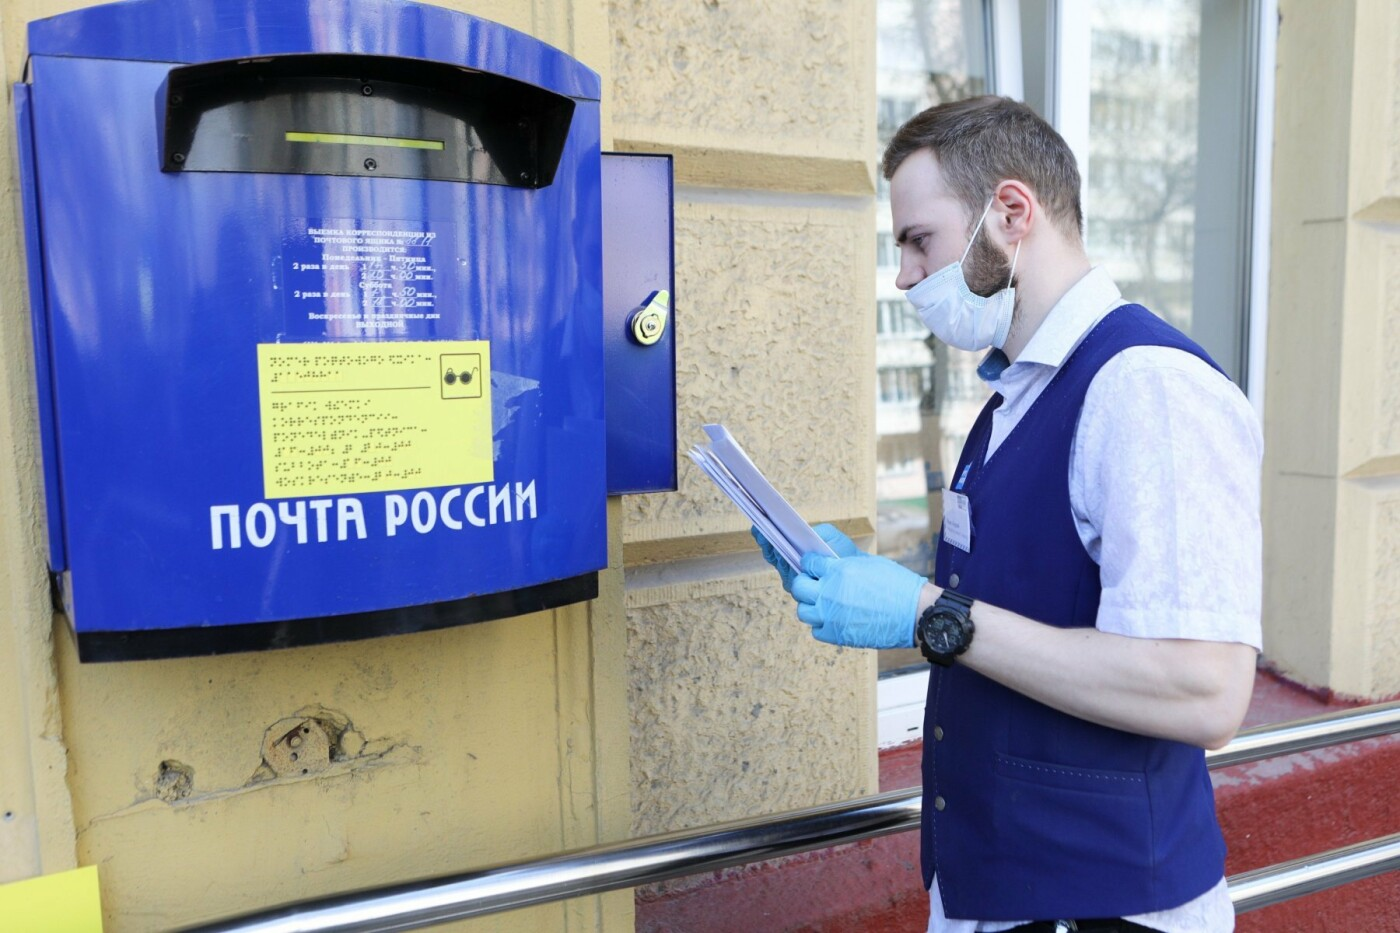 Спрос на бесплатную доставку товаров почтальонами вырос в Московской области, фото-1